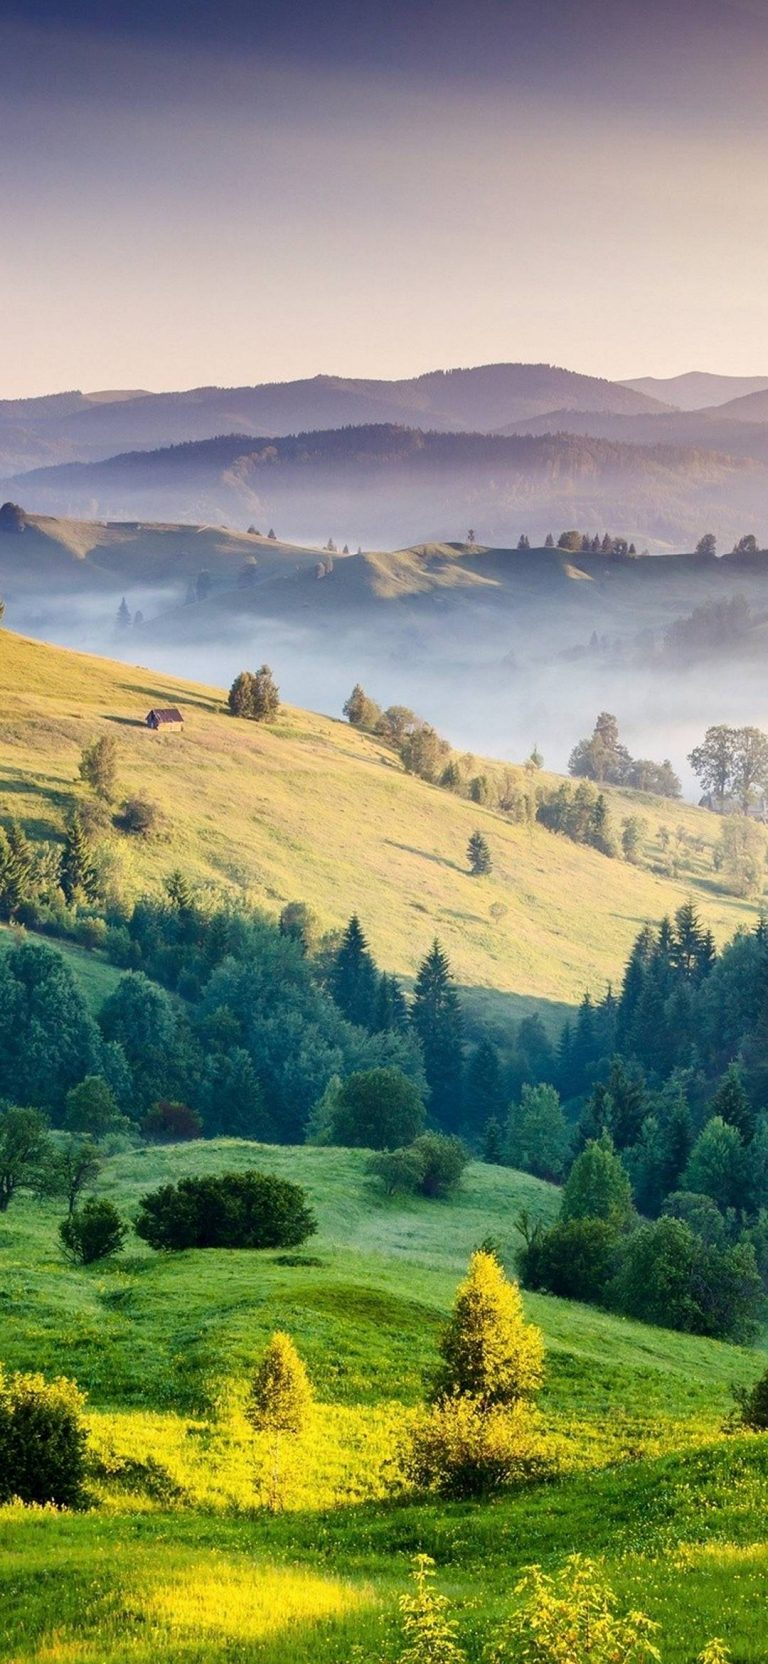 Mountains Grass Trees 1080x2340 768x1664